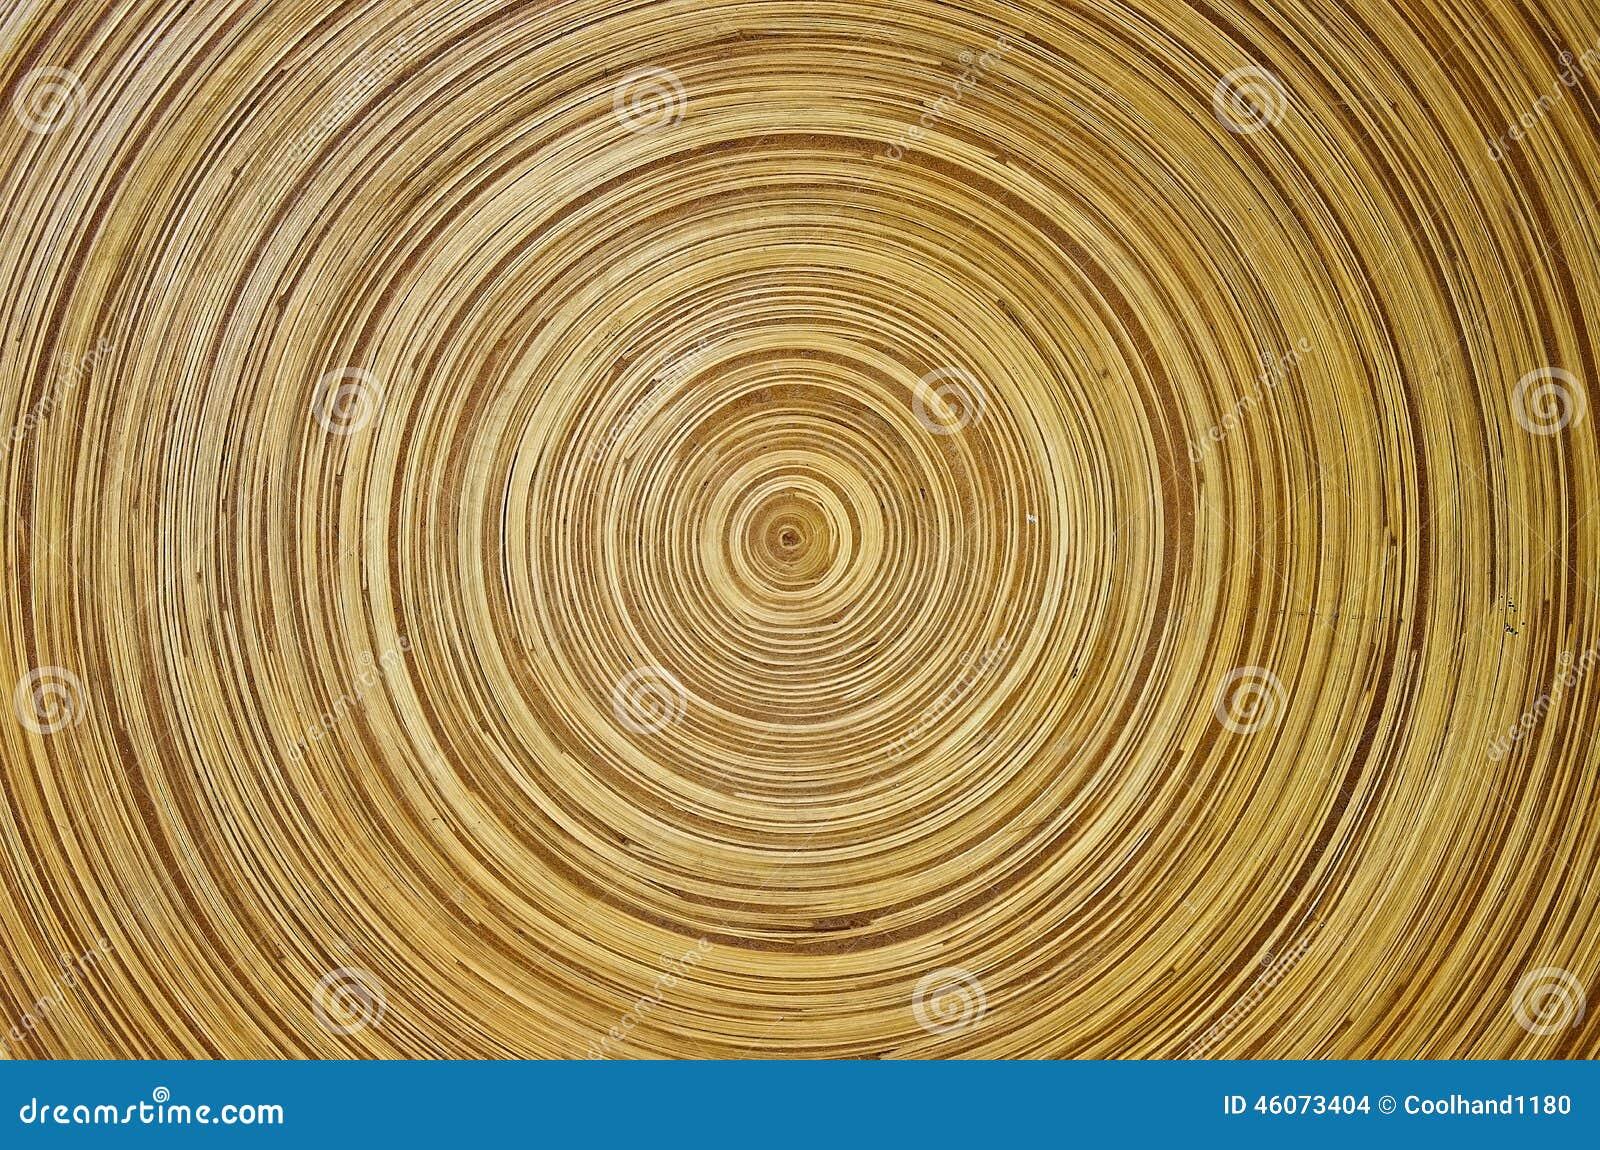 bambusplatte stockfoto. bild von asien, japanisch, struktur - 46073404